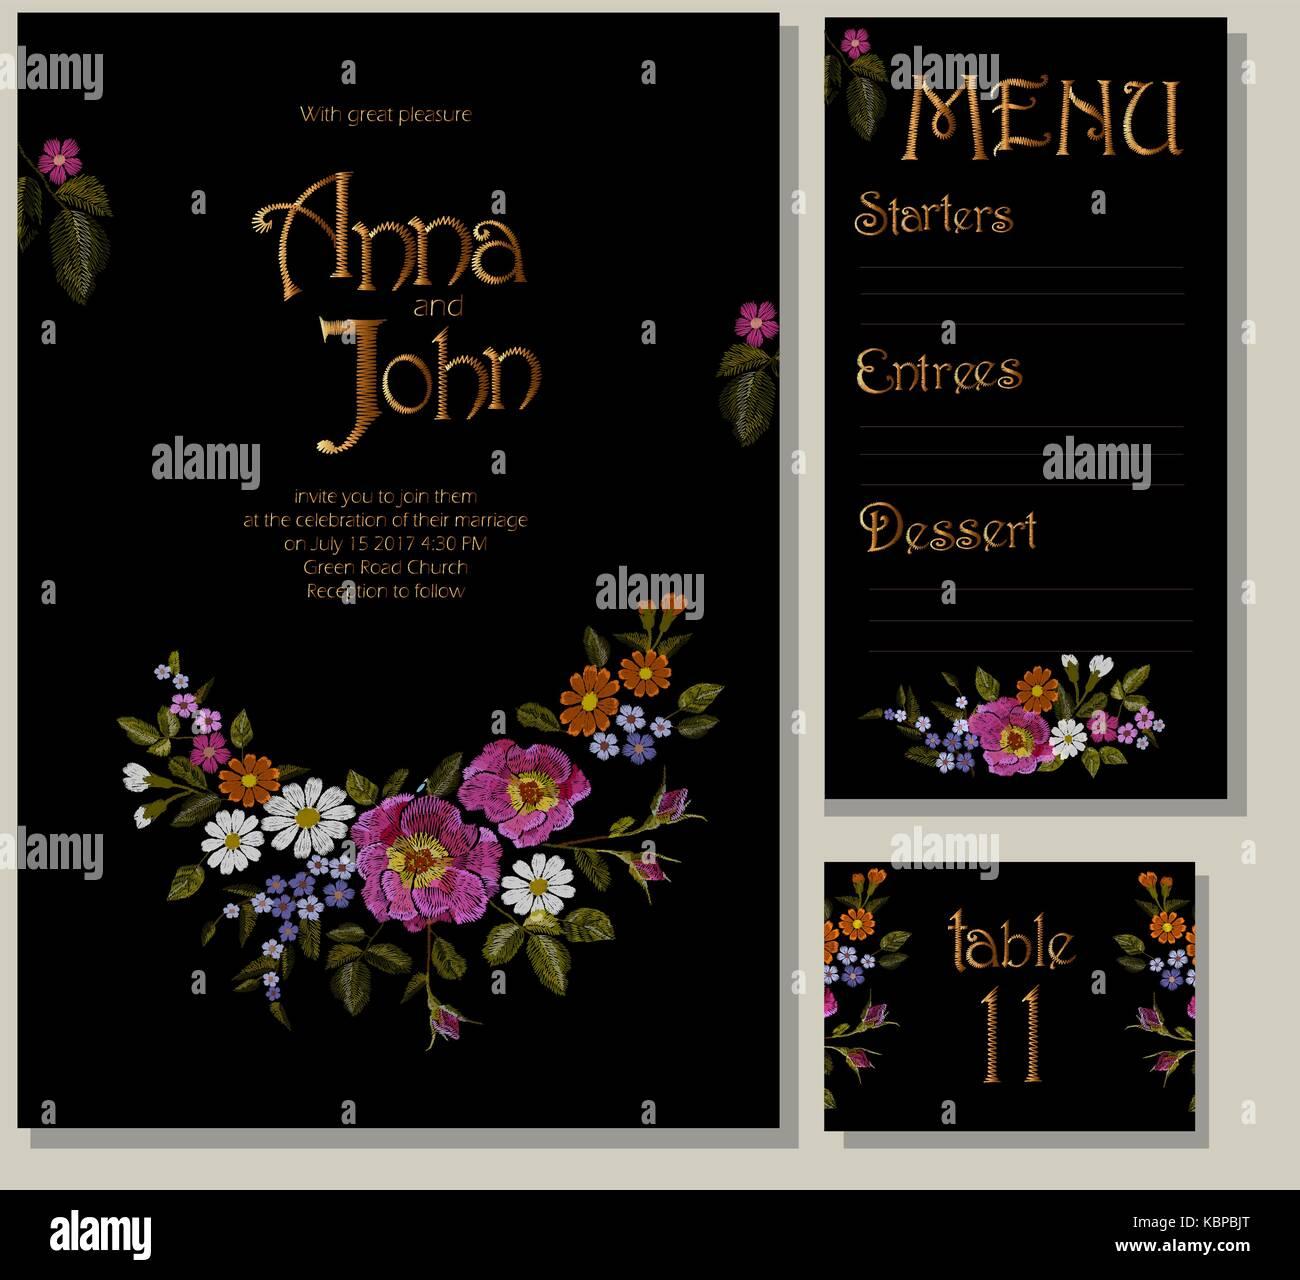 Cartes De Mariage Floral Design Suite Modele De Domaine